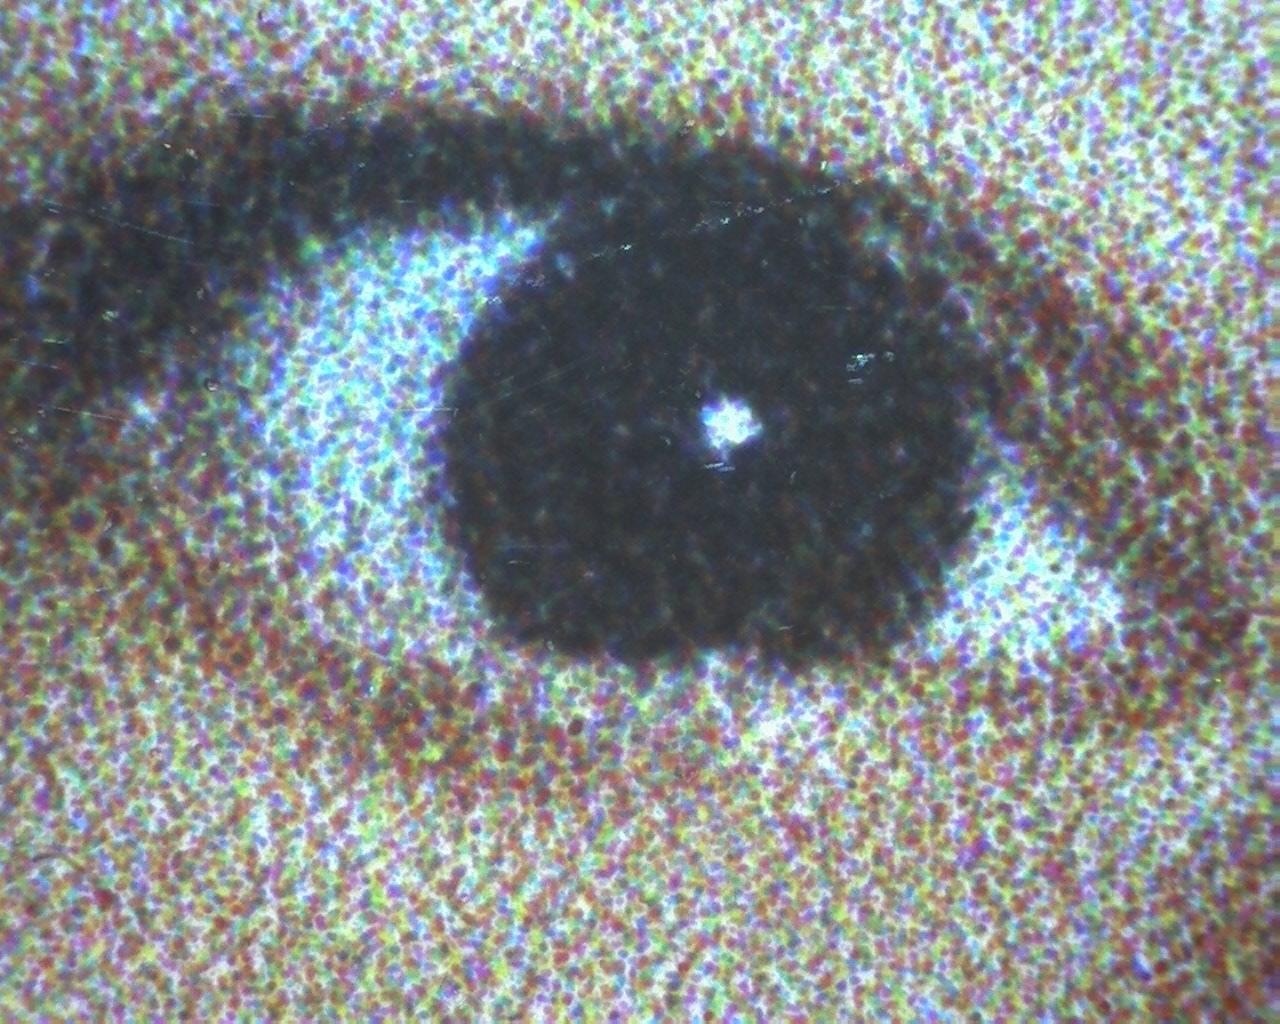 Mikroskop mp usb digital elektronische okular kamera mit